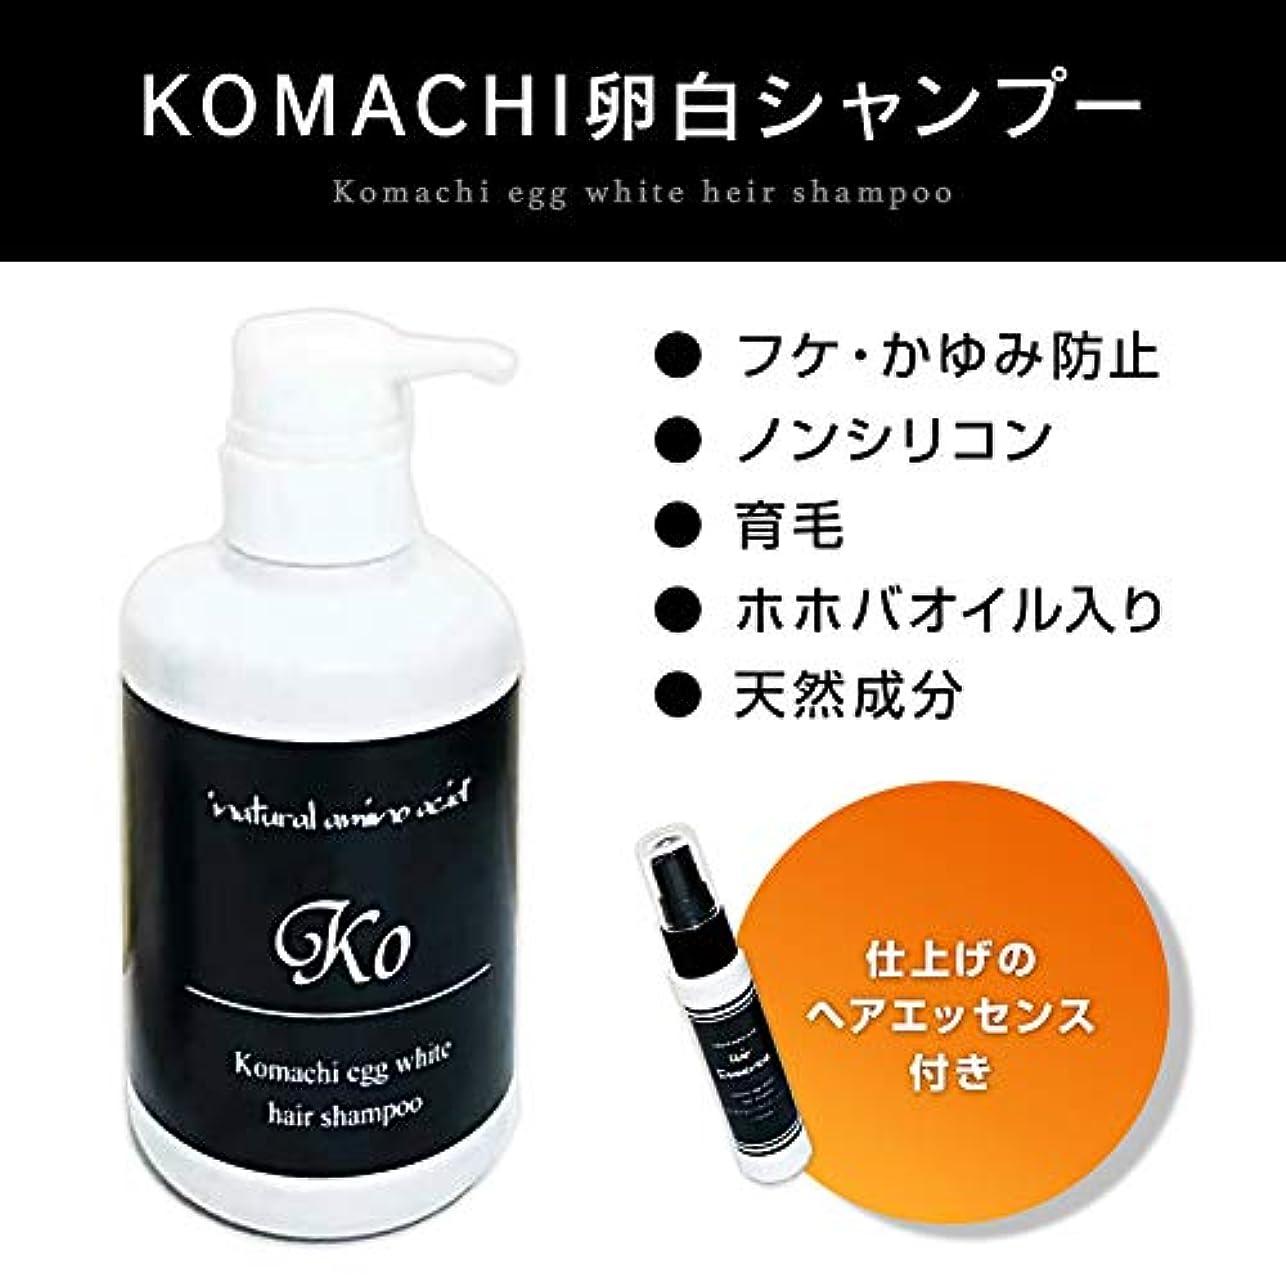 研究折観察KOMACHI シャンプー メンズ 無添加 人気 オーガニック ノンシリコン 日本製 ホホバオイル入り ヘアエッセンス付きシャンプー セット